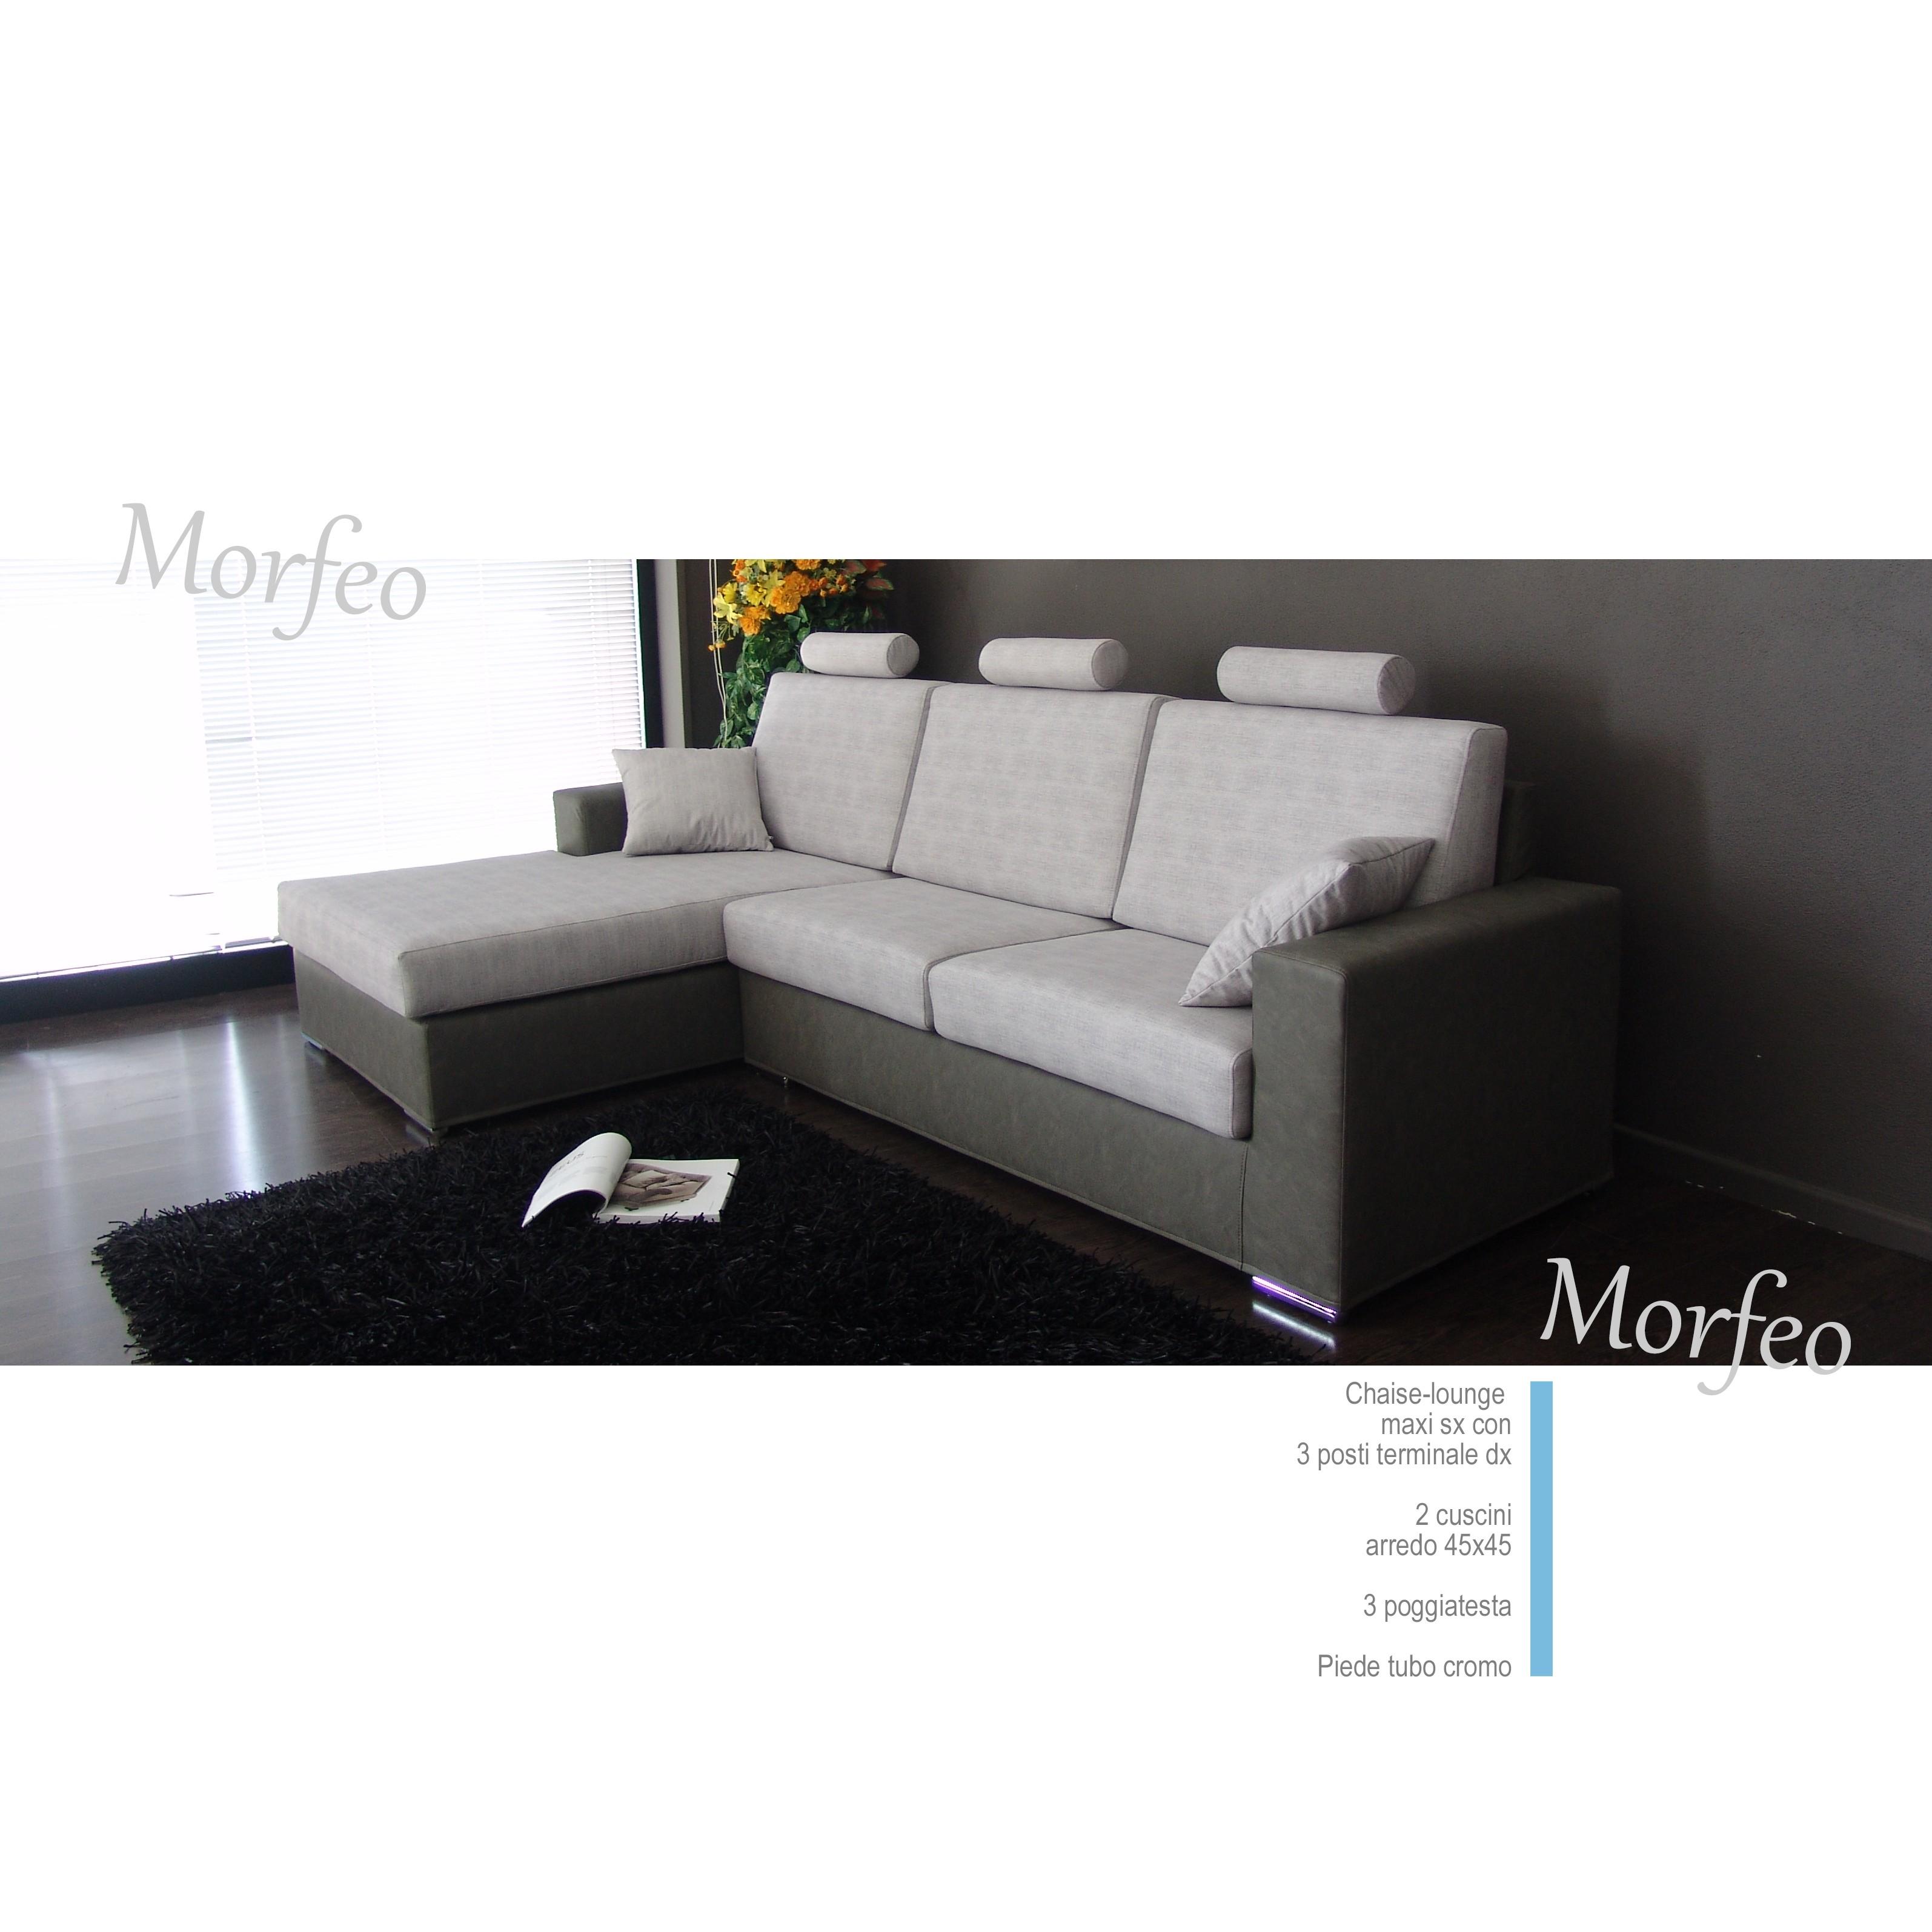 Sofa | 2017 | MORFEO C/PENISOLA